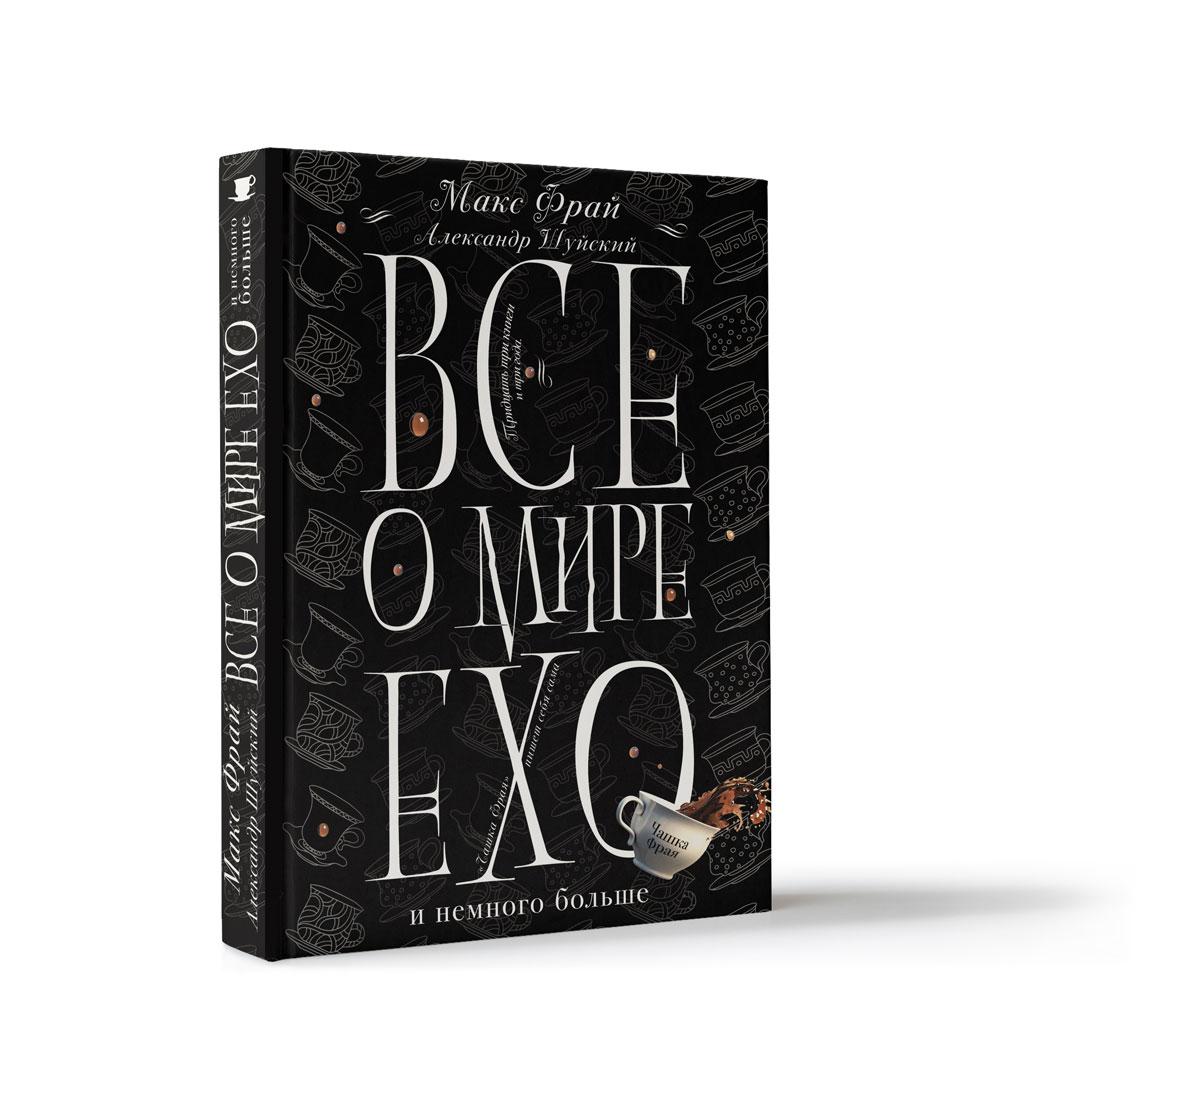 Макс Фрай,Александр Шуйский Все о мире Ехо и немного больше. Чашка Фрая